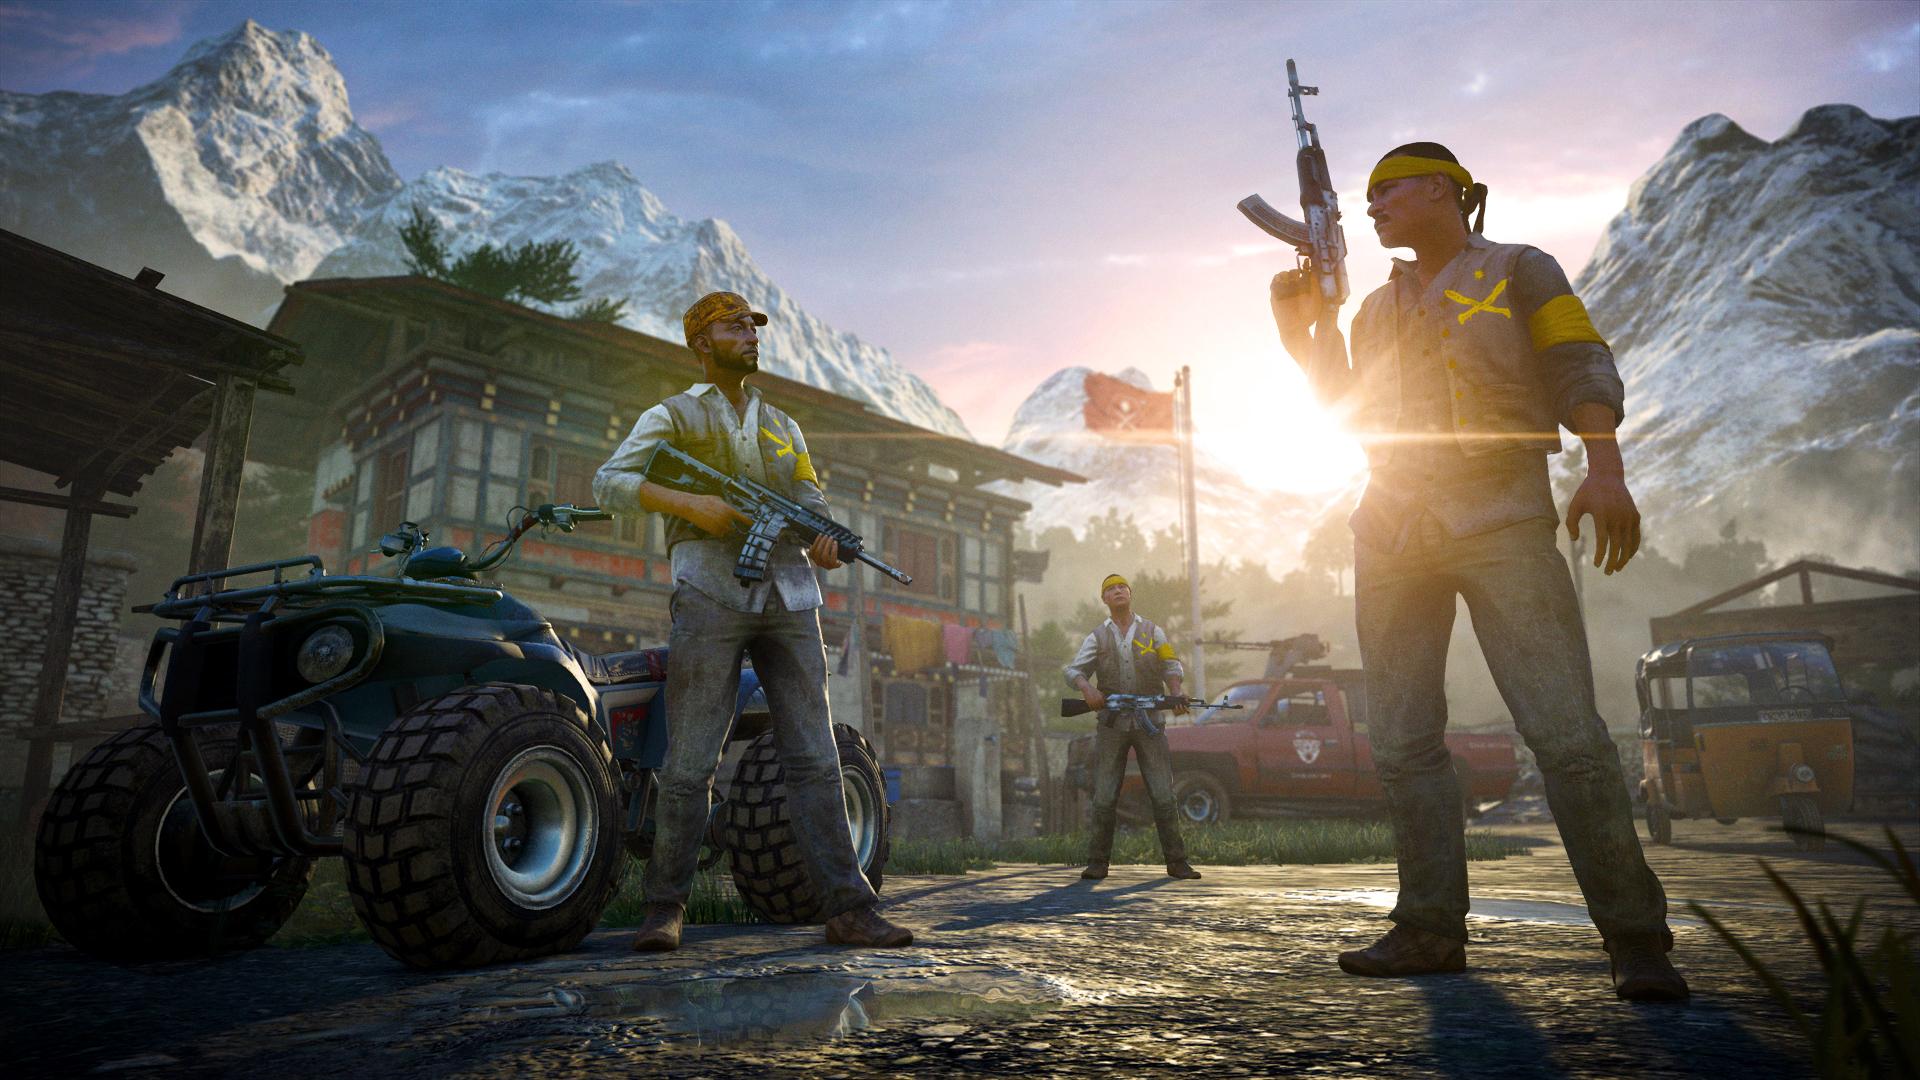 Ubisoft тизерит постапокалиптическую Far Cry. Подробности — на TGA 2018